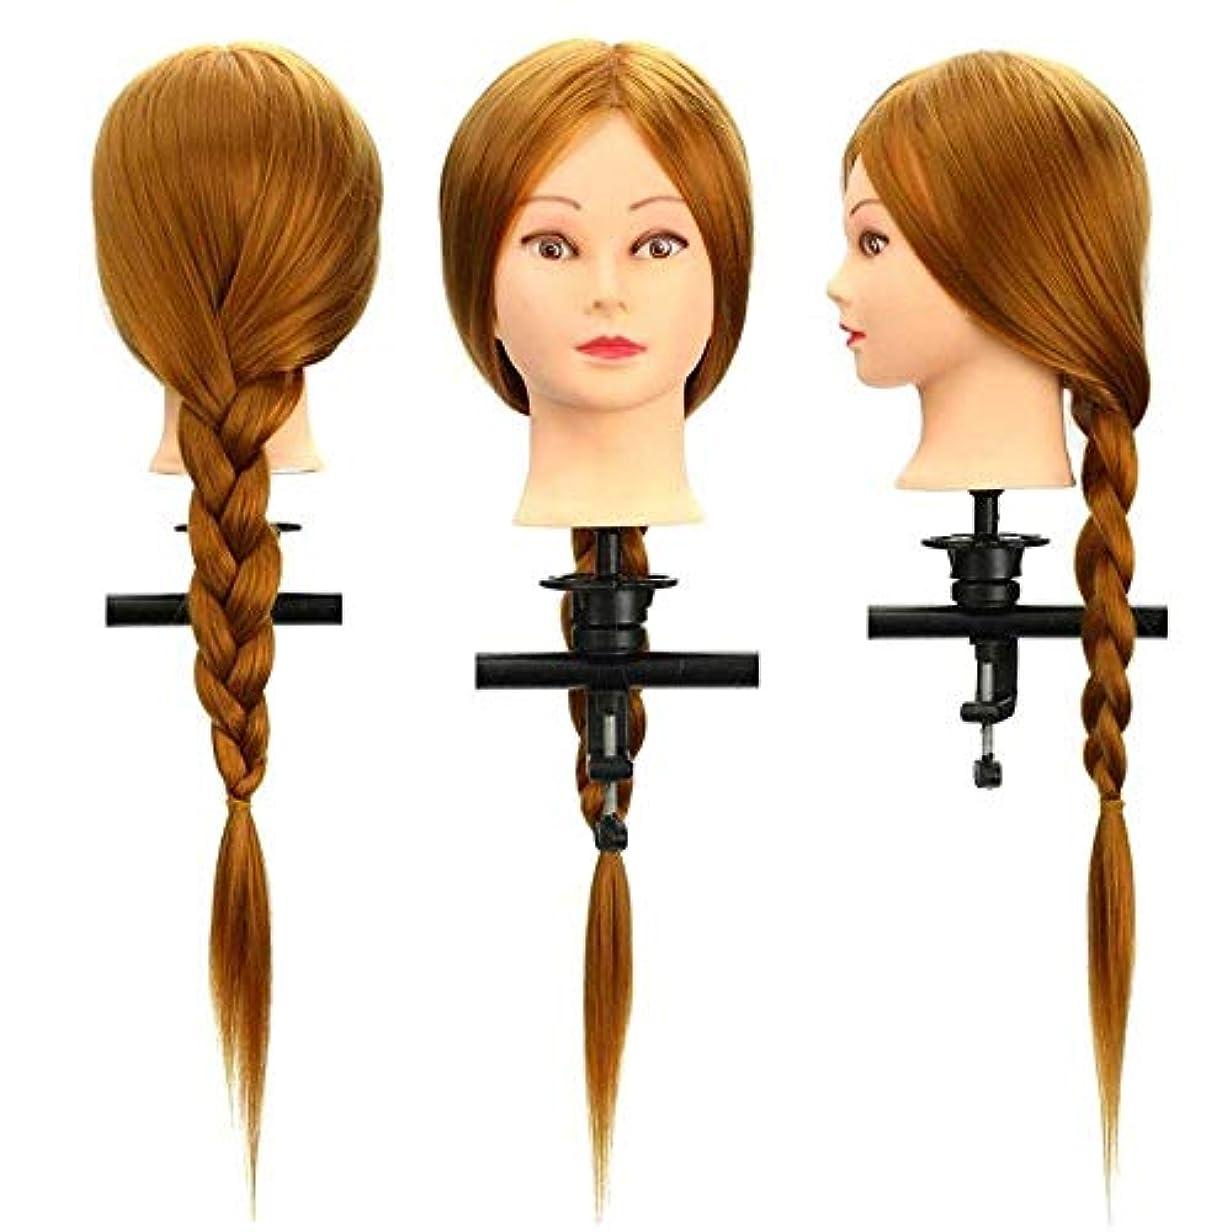 ポップ印象派好みヘアマネキンヘッド 表クランプ30%本物の人間のロング理髪カットマネキンの髪トレーニング頭サロン ヘア理髪トレーニングモデル付き (色 : 褐色, サイズ : 26